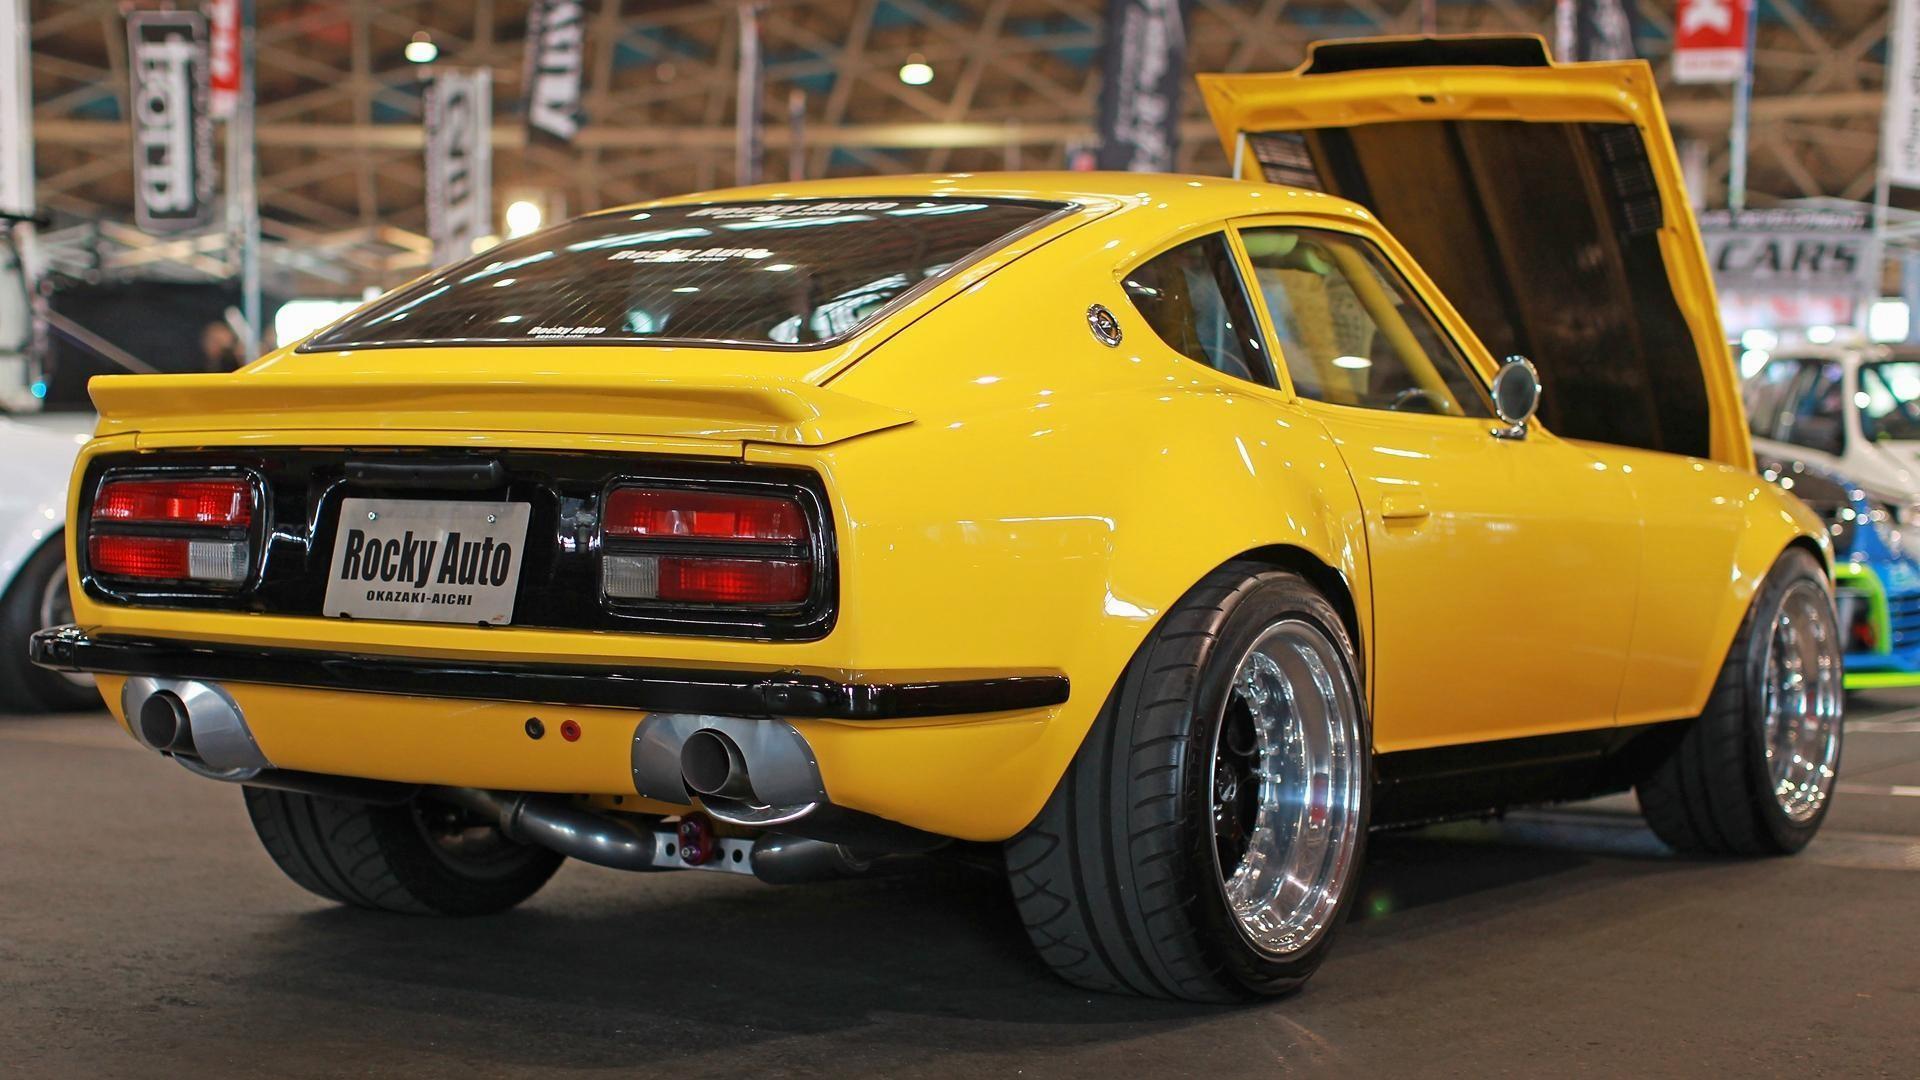 wallpaper.wiki-Nissan-Datsun-240Z-Background-PIC-WPD005325